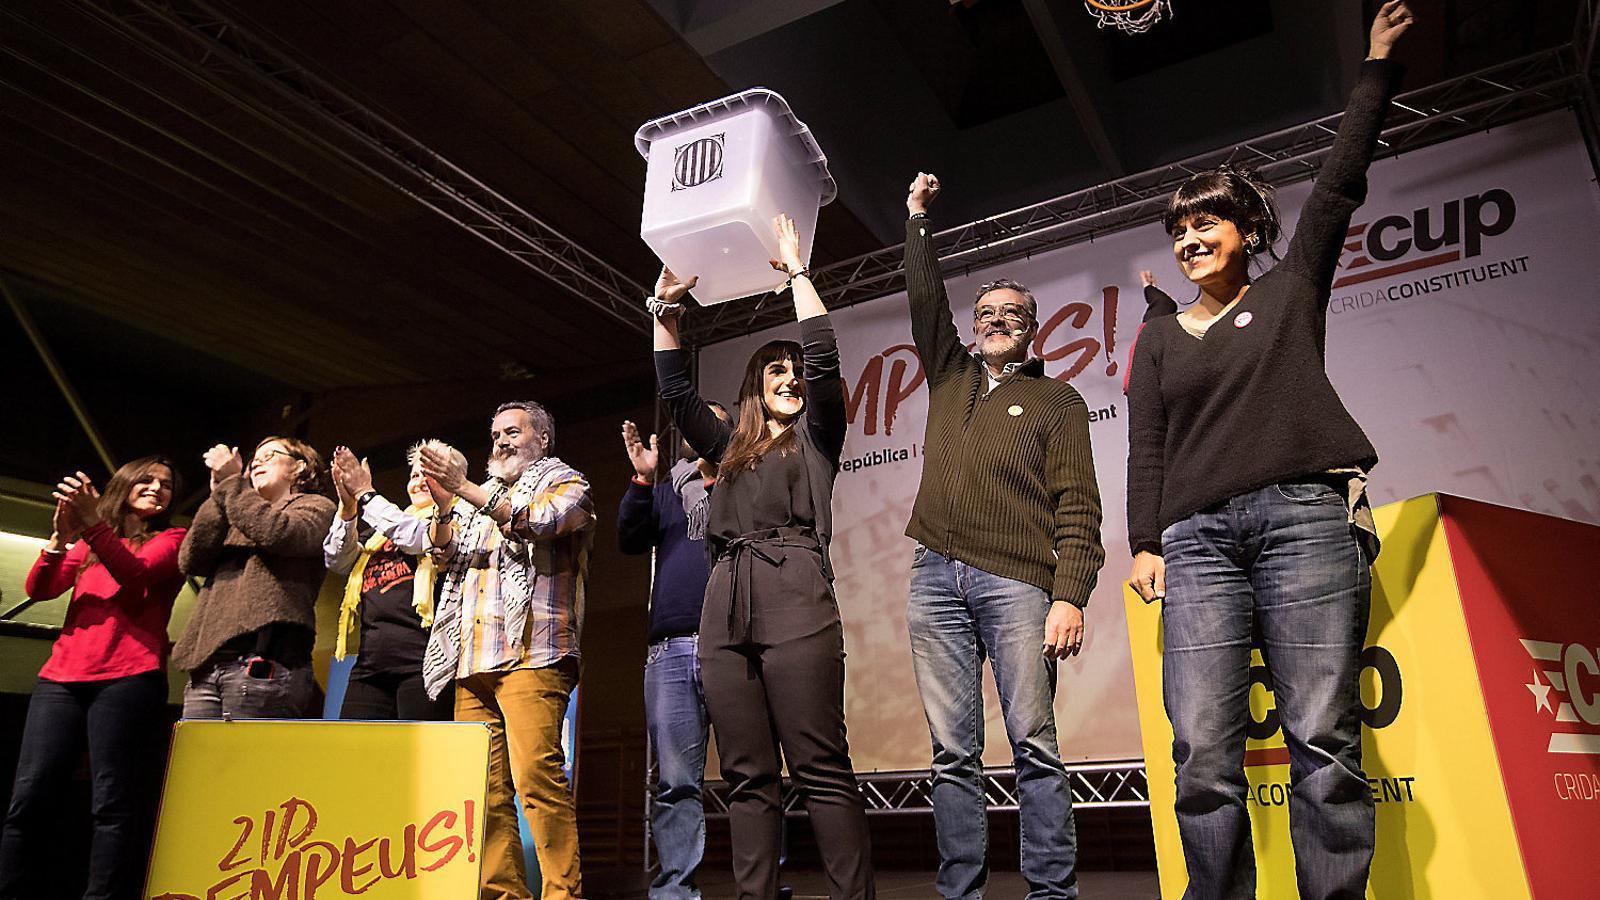 Gordillo, alcalde de Marinaleda, al centre de la imatge, en un acte de la CUP  per al 21-D.